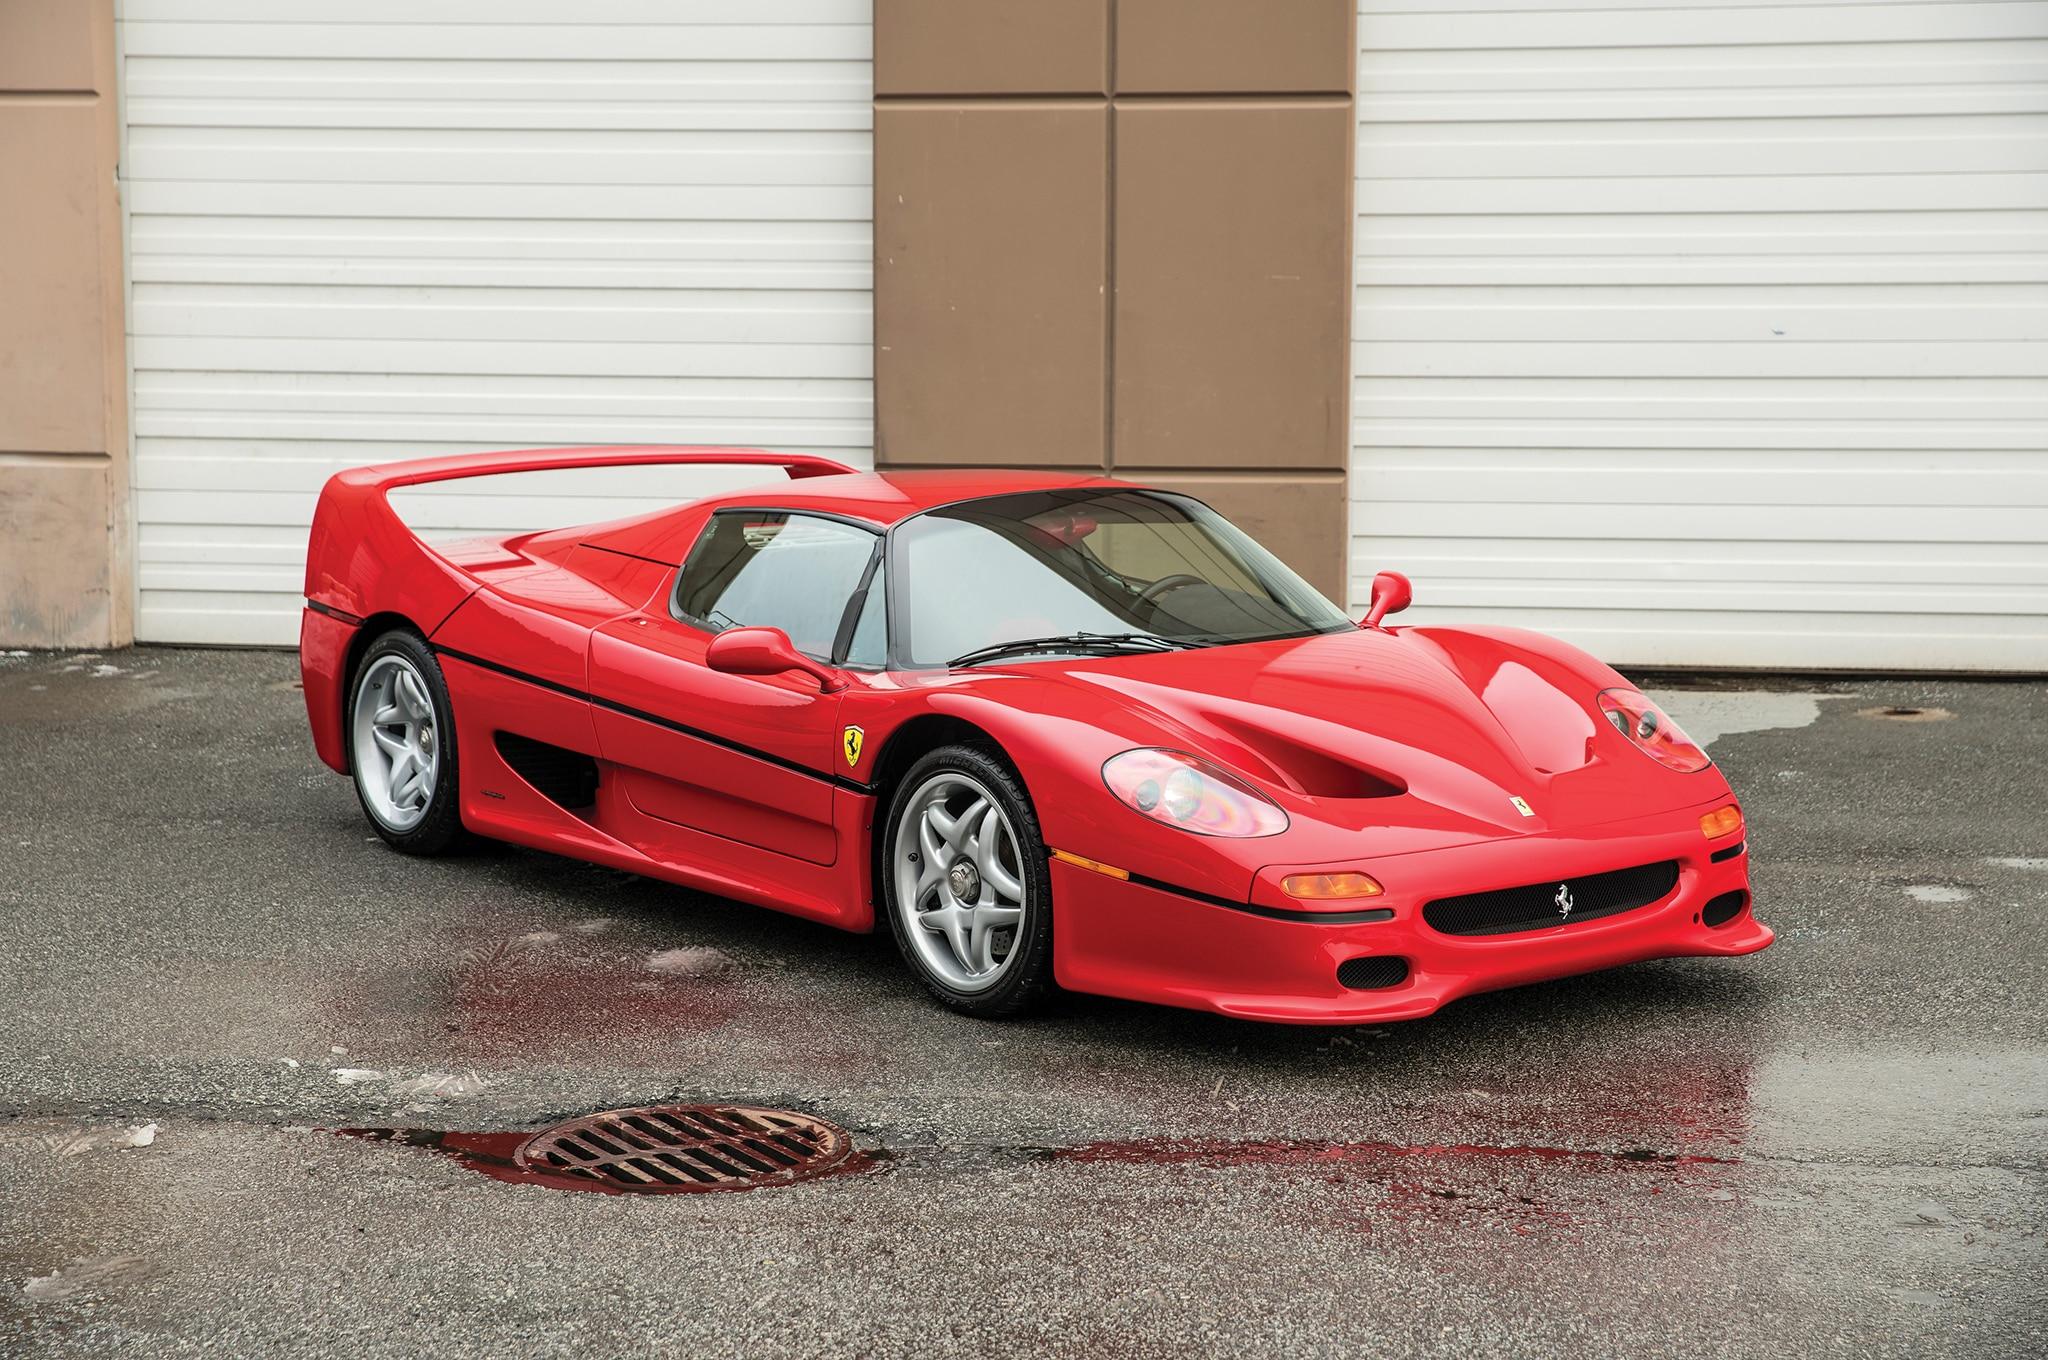 1995 Ferrari F50 RM Sothebys Front Three Quarters